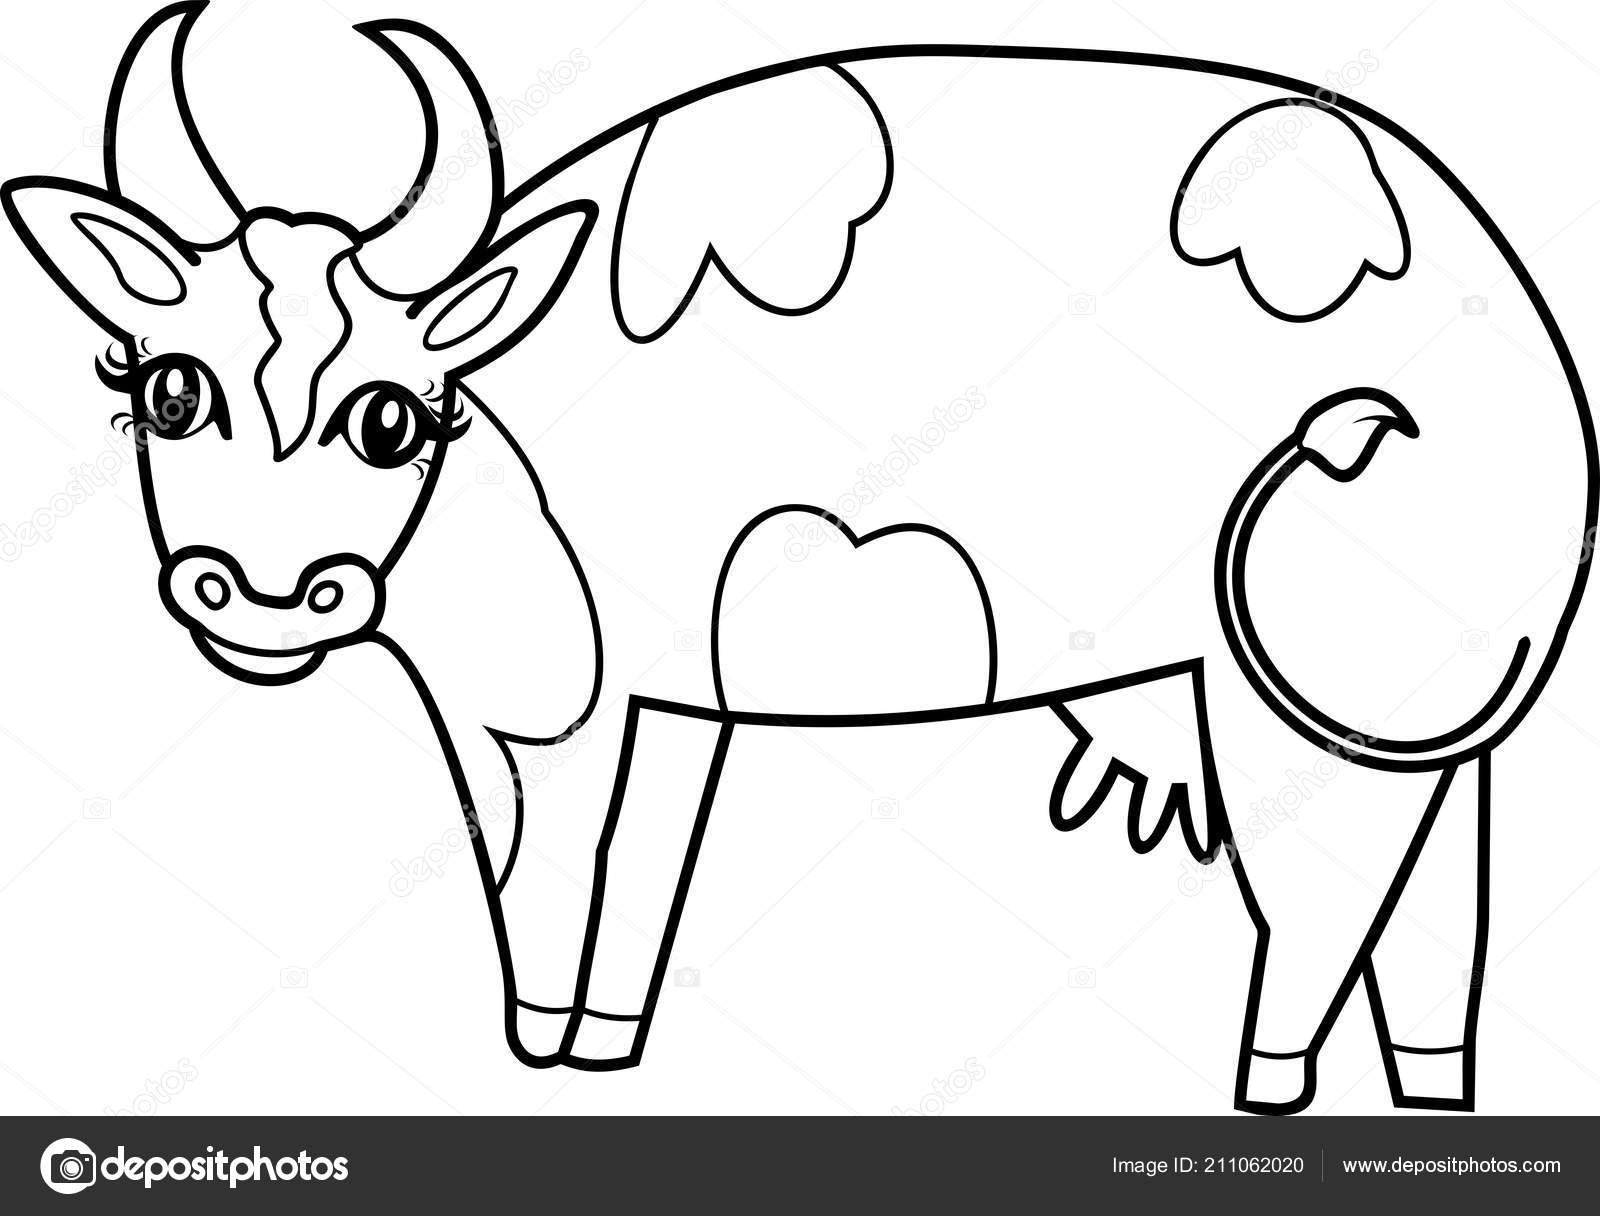 Dibujos De Vacas Animadas Para Colorear: Dibujos Para Colorear Vaca